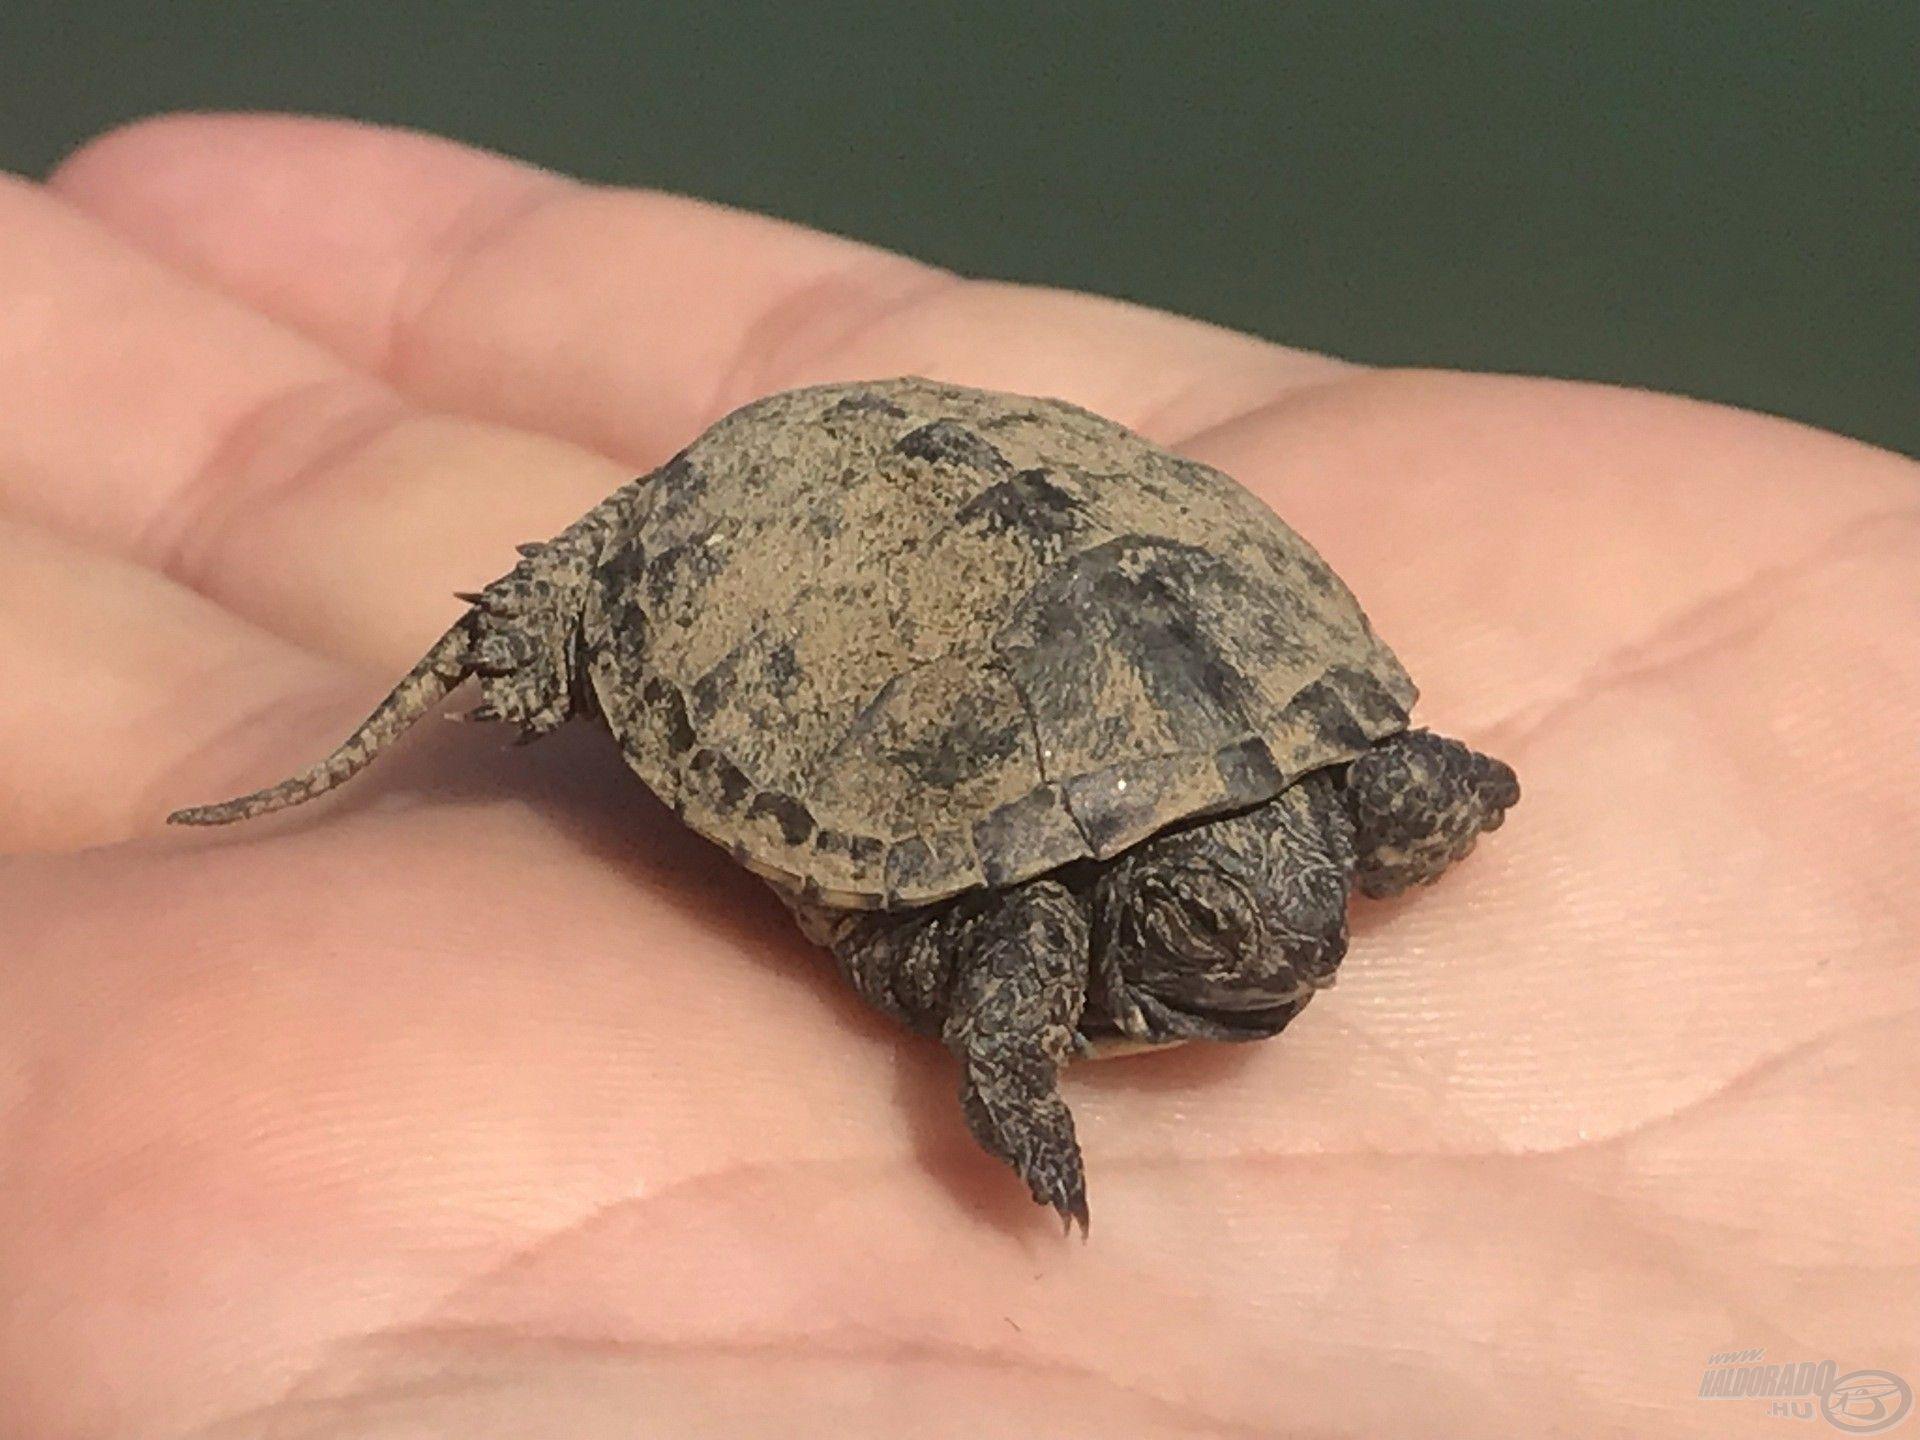 Egy aranyos kis teknőc is meglátogatott – reméljük, jó kabalánk lesz és szerencsét hoz!